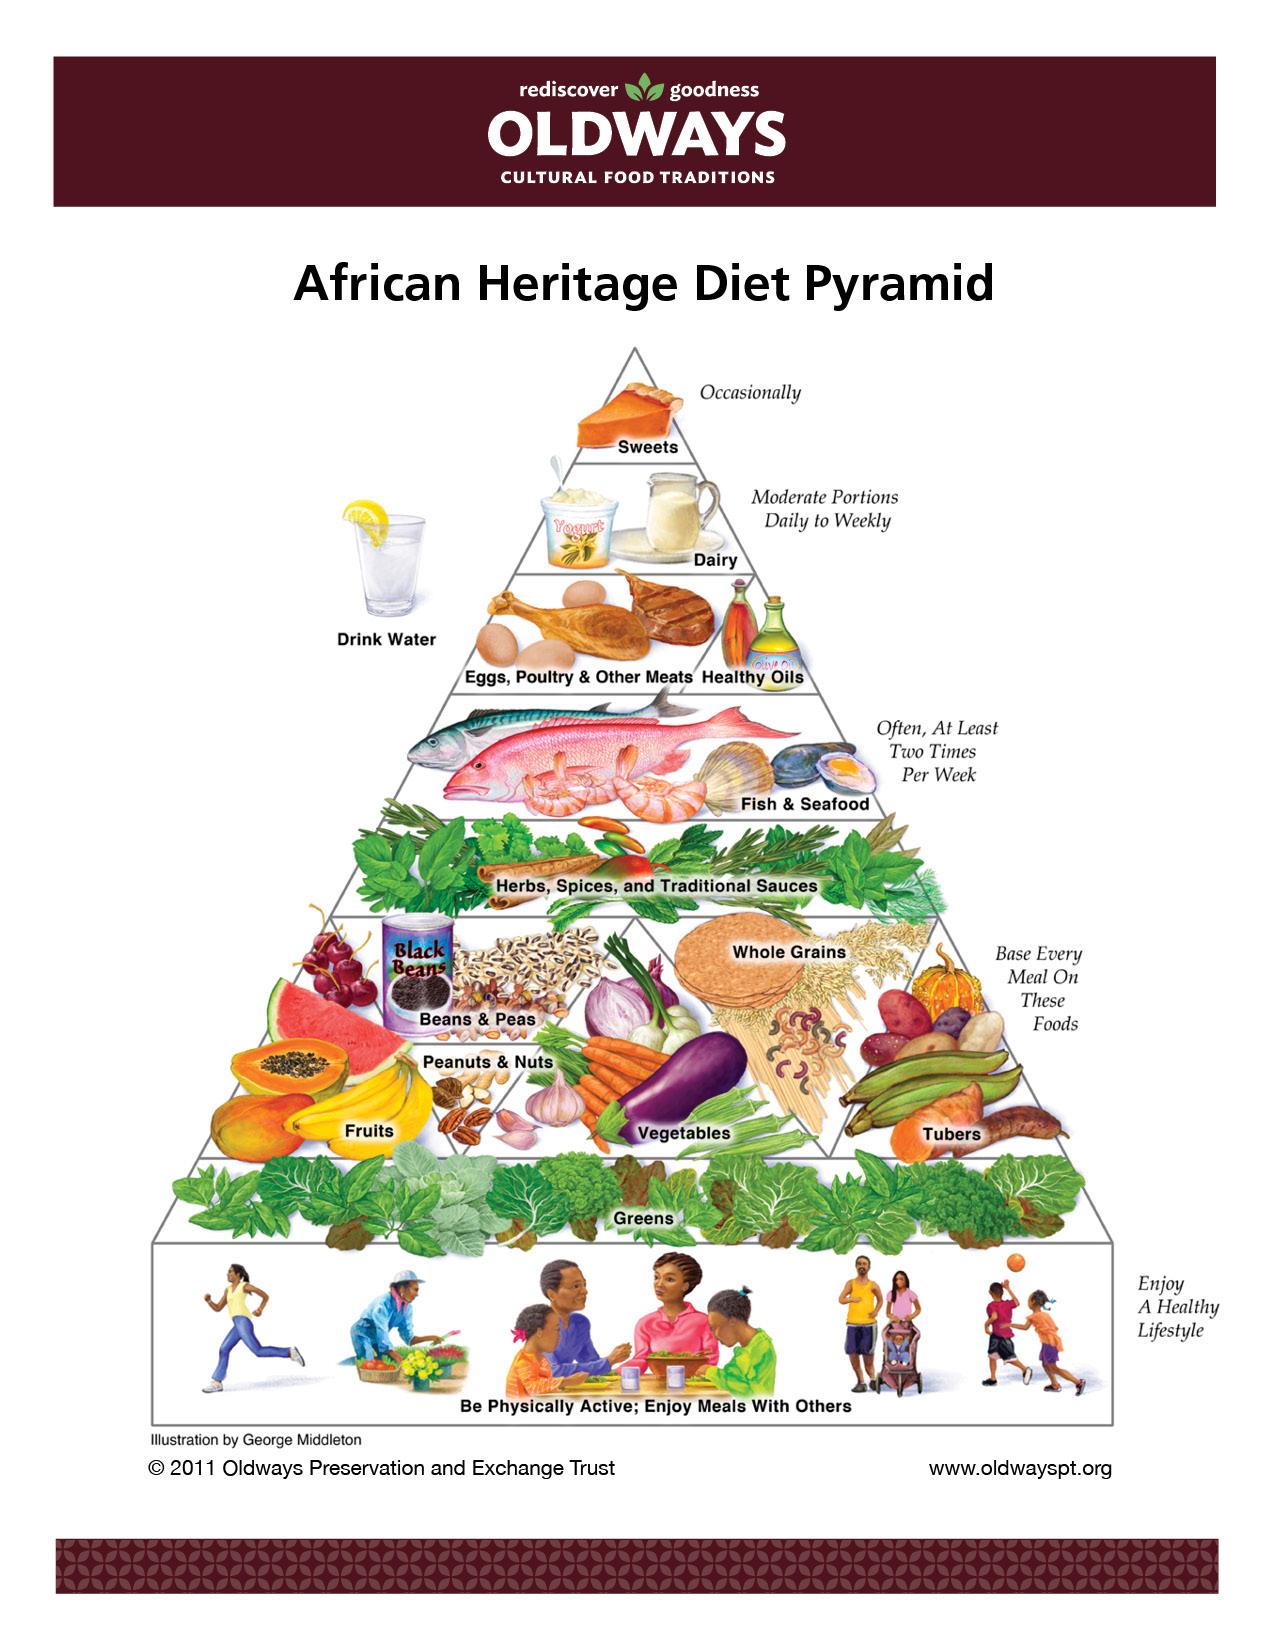 Африканская диета способствует восстановлению микрофлоры